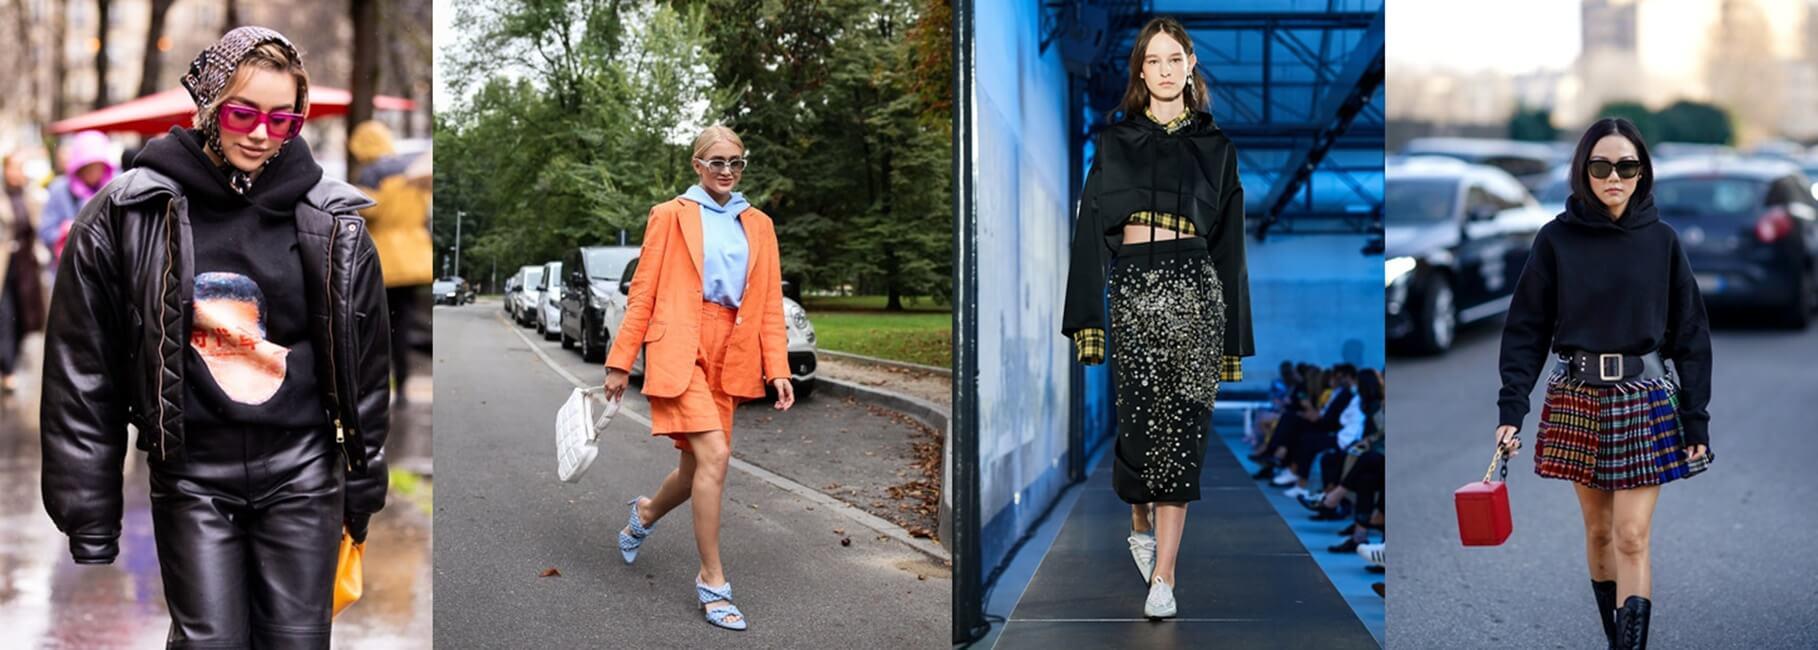 Las Sudaderas con Capucha son la clave para lucir el estilo urbano pero abrigadas